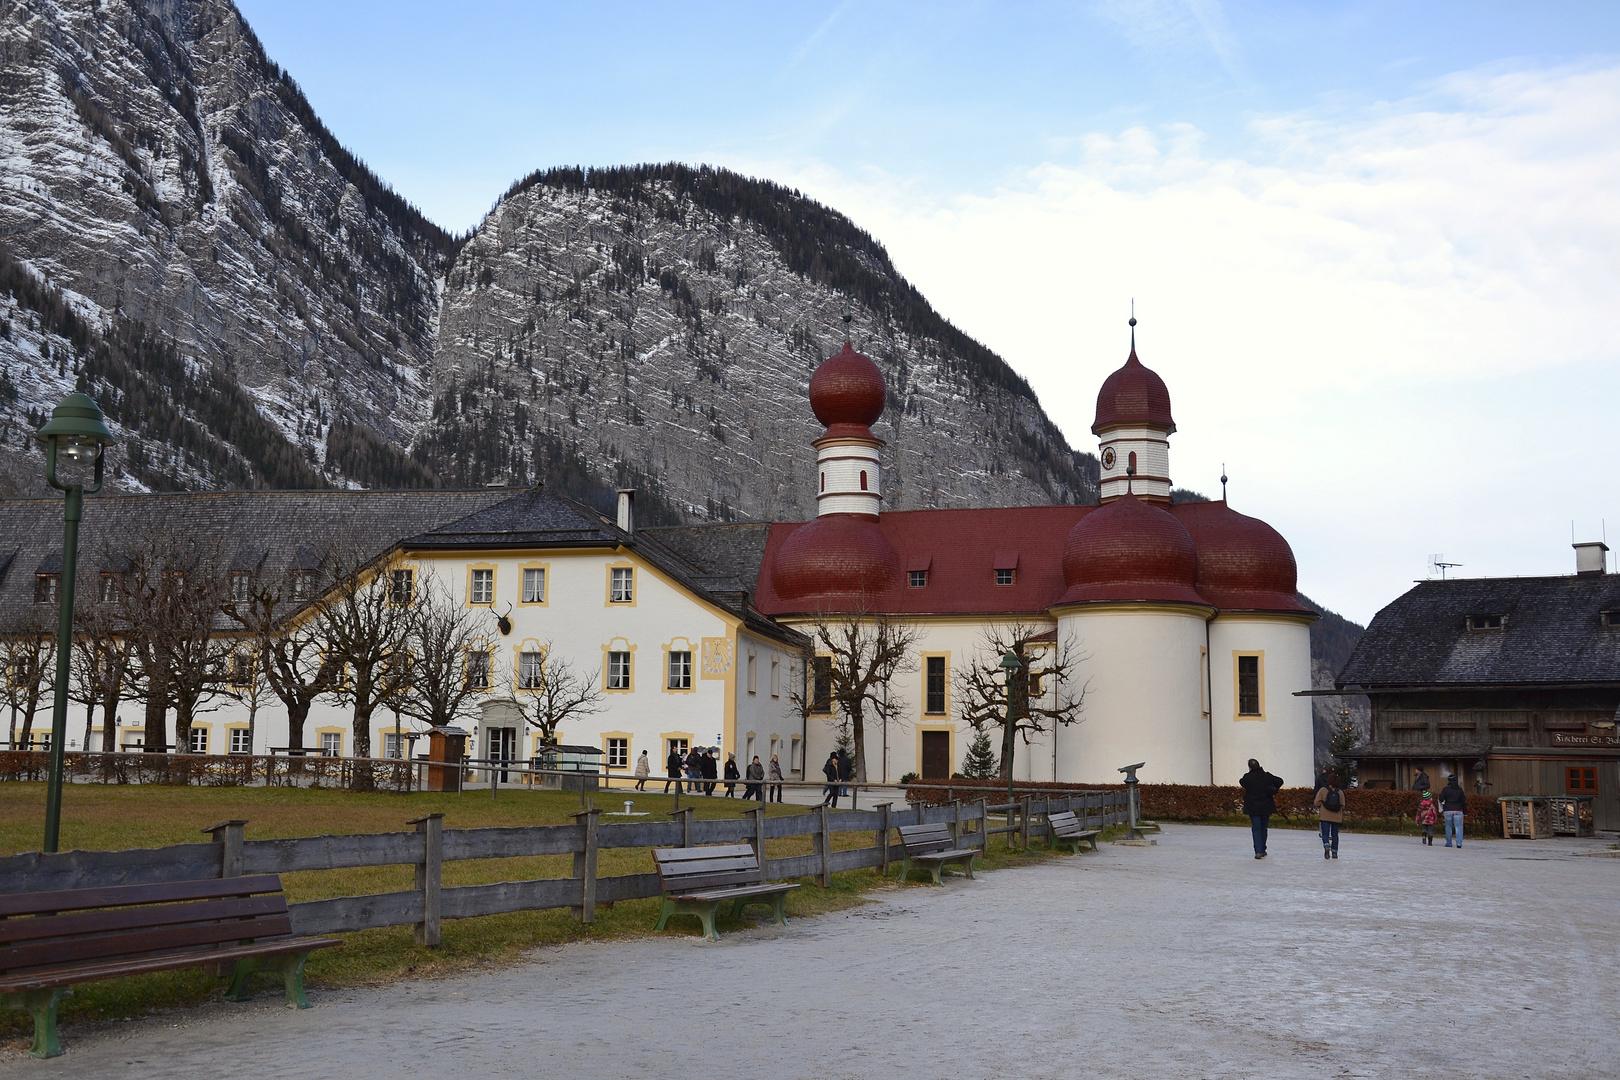 Königssee - St. Bartholomä